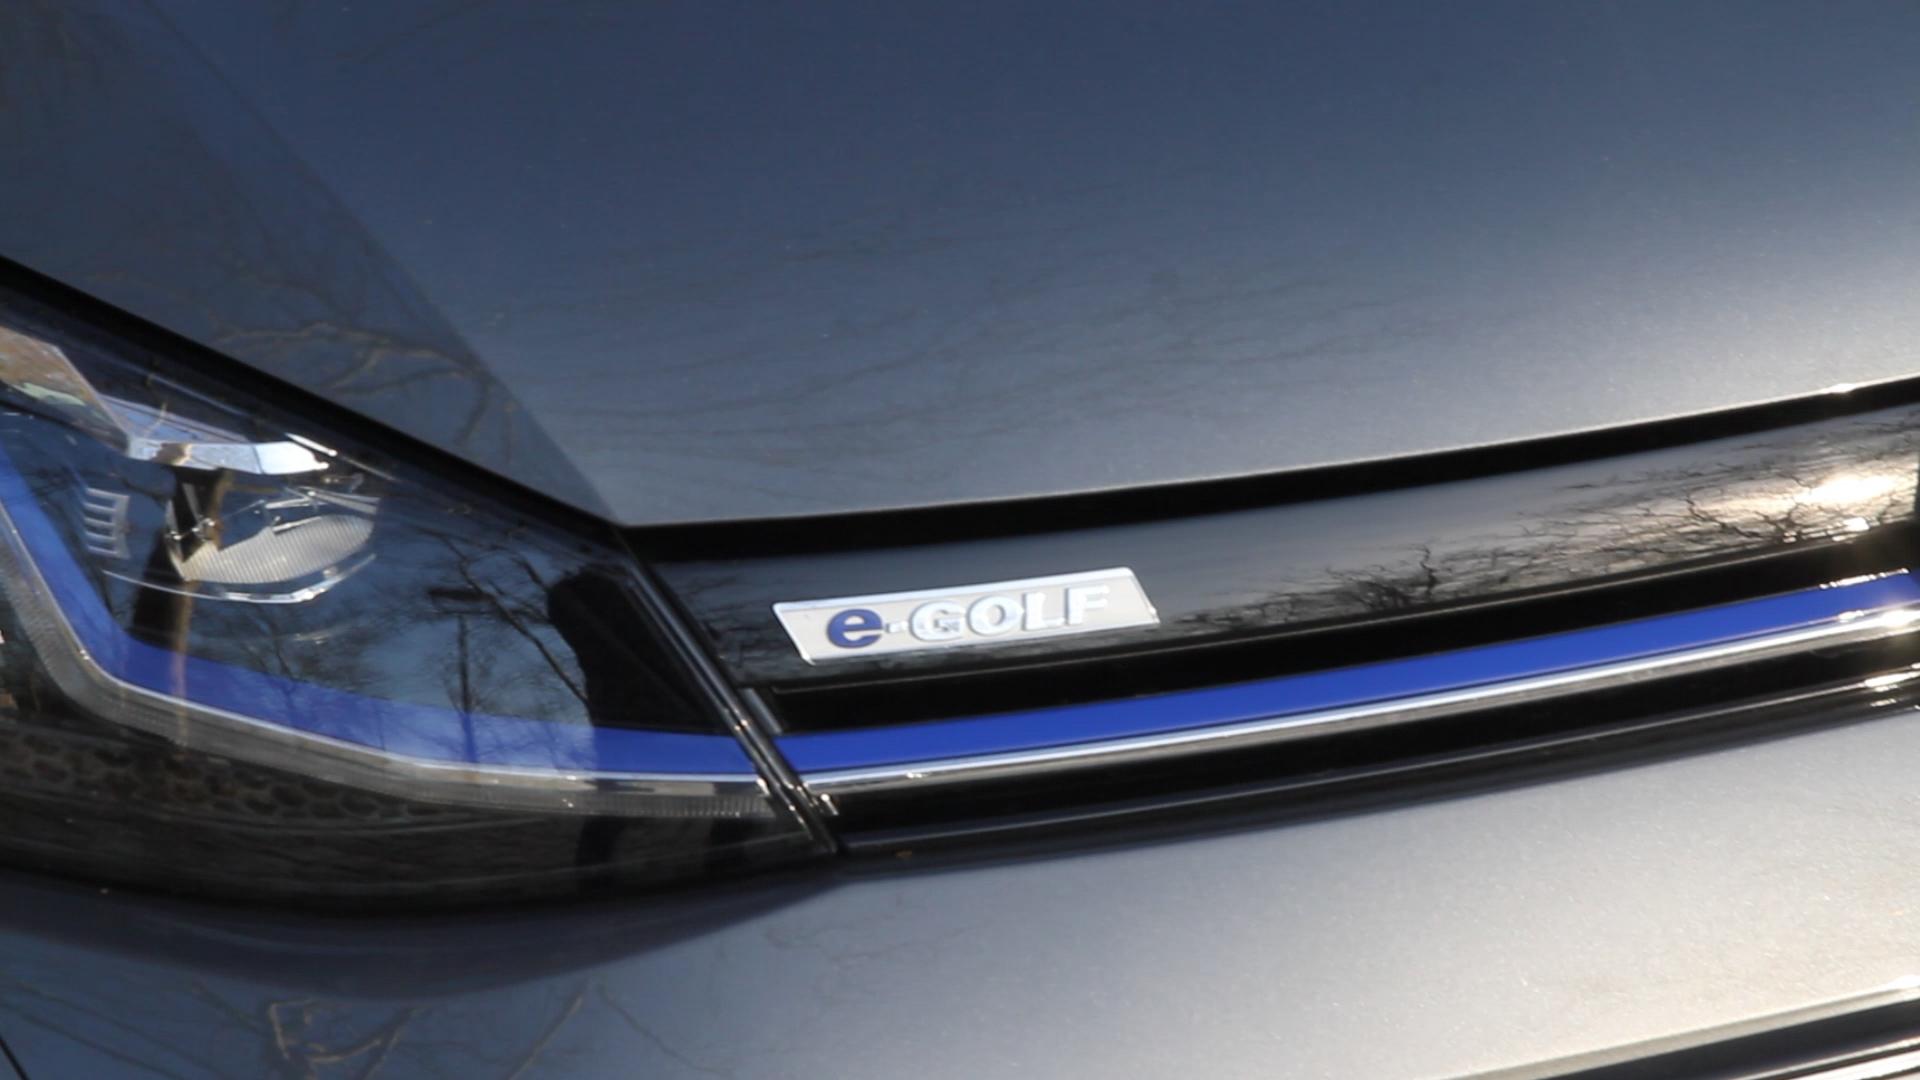 Neuer Trend Elektro Der Vw E Golf Im Test Von Mobil In Deutschland Ev